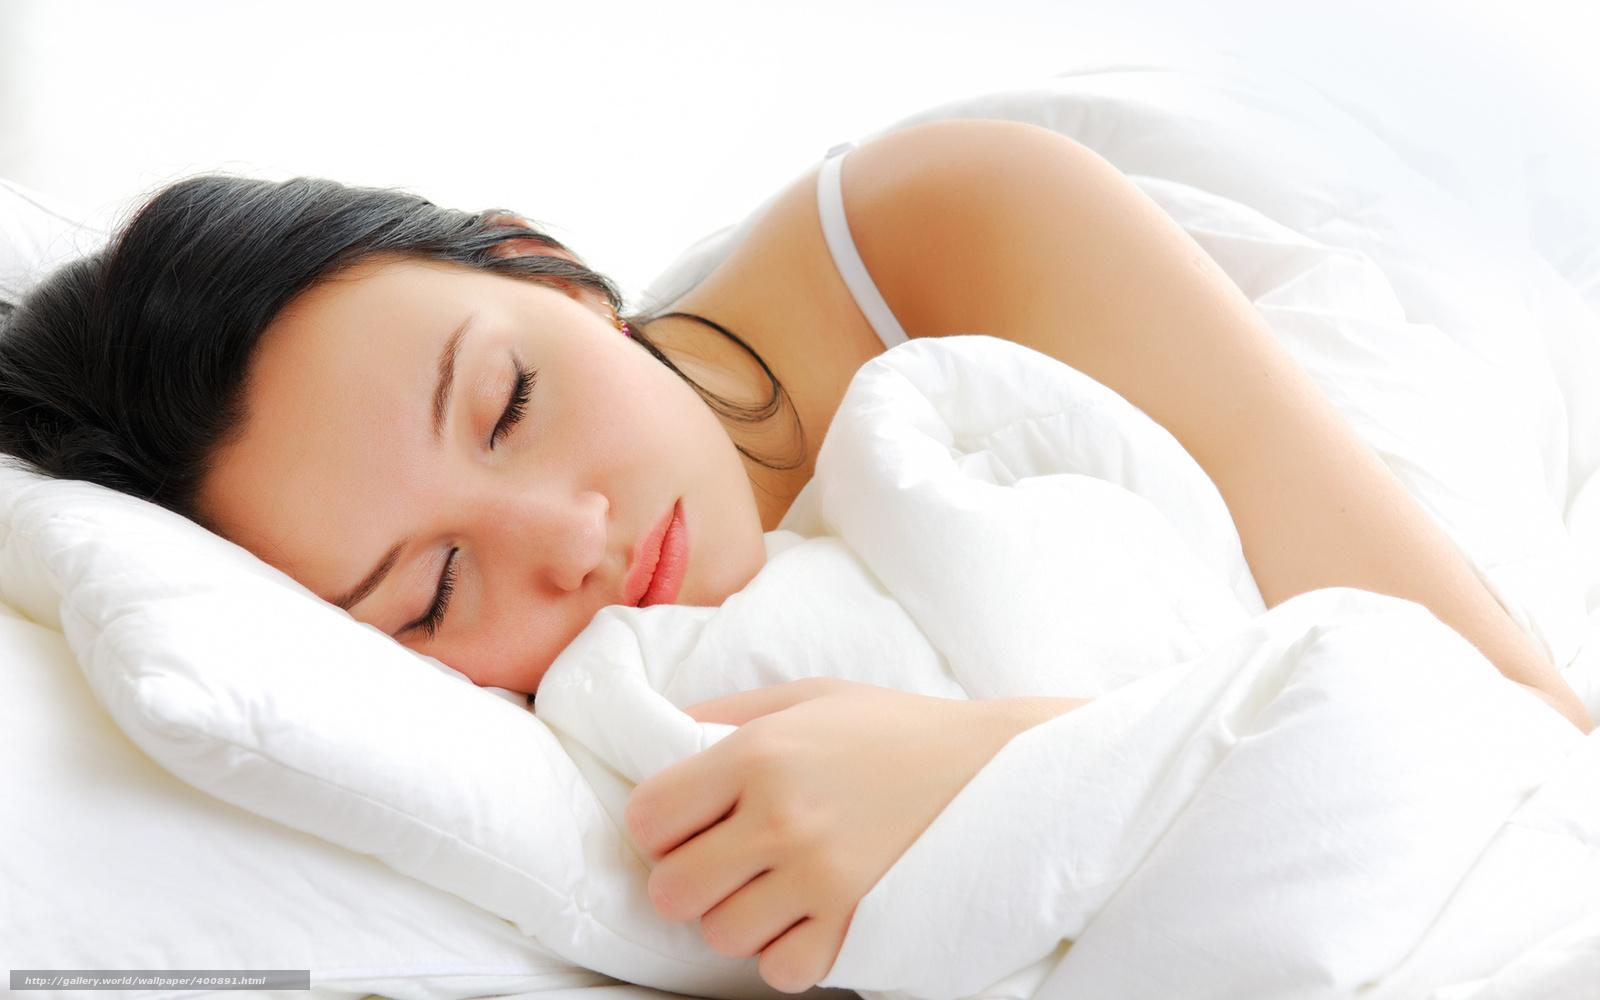 девушка, брюнетка, сон, подушки, одеяло, лямочка